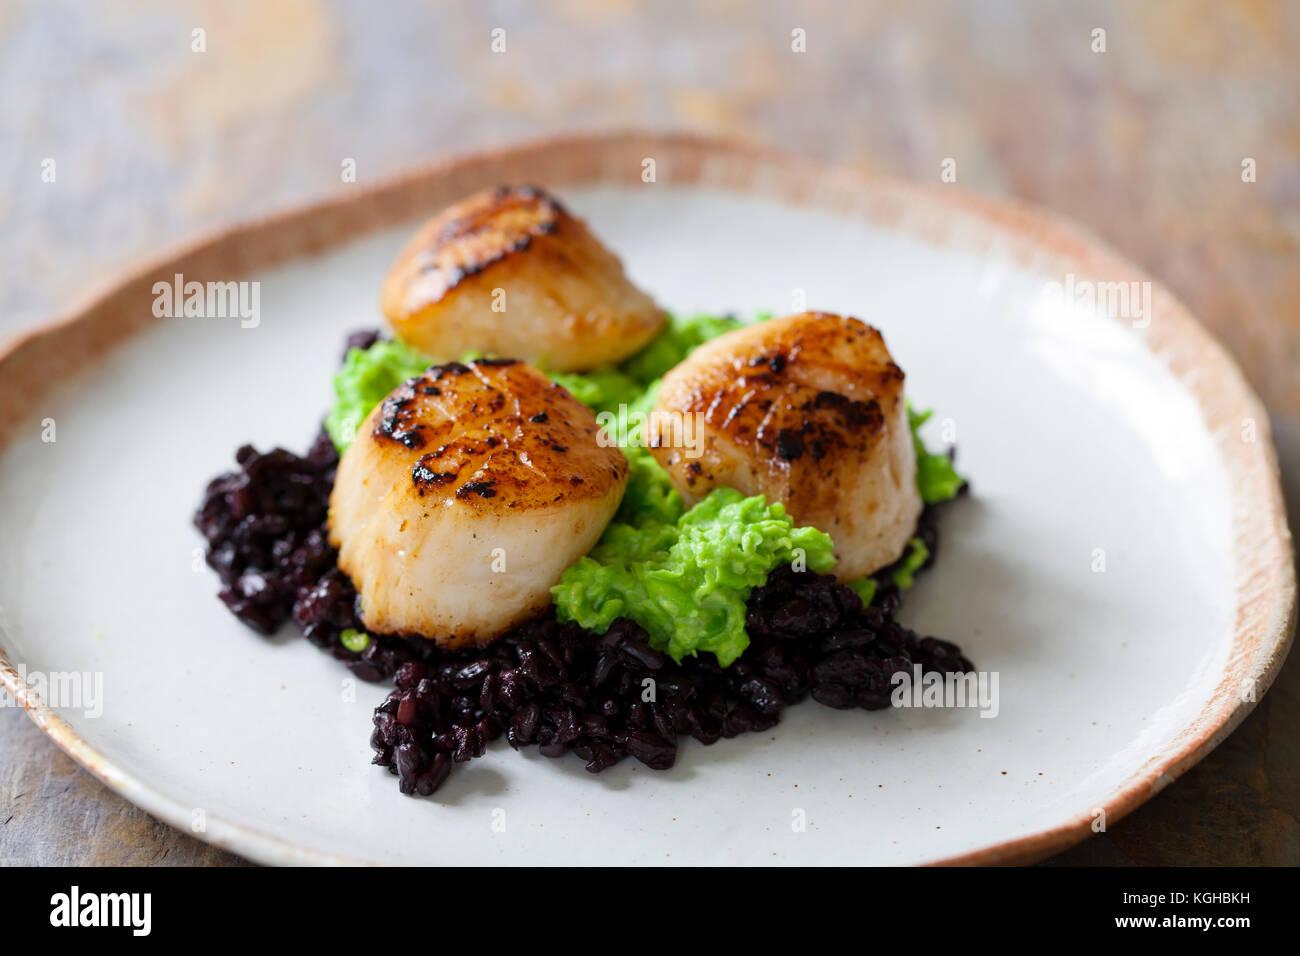 Les pétoncles avec du riz noir et purée de pois interdit Photo Stock